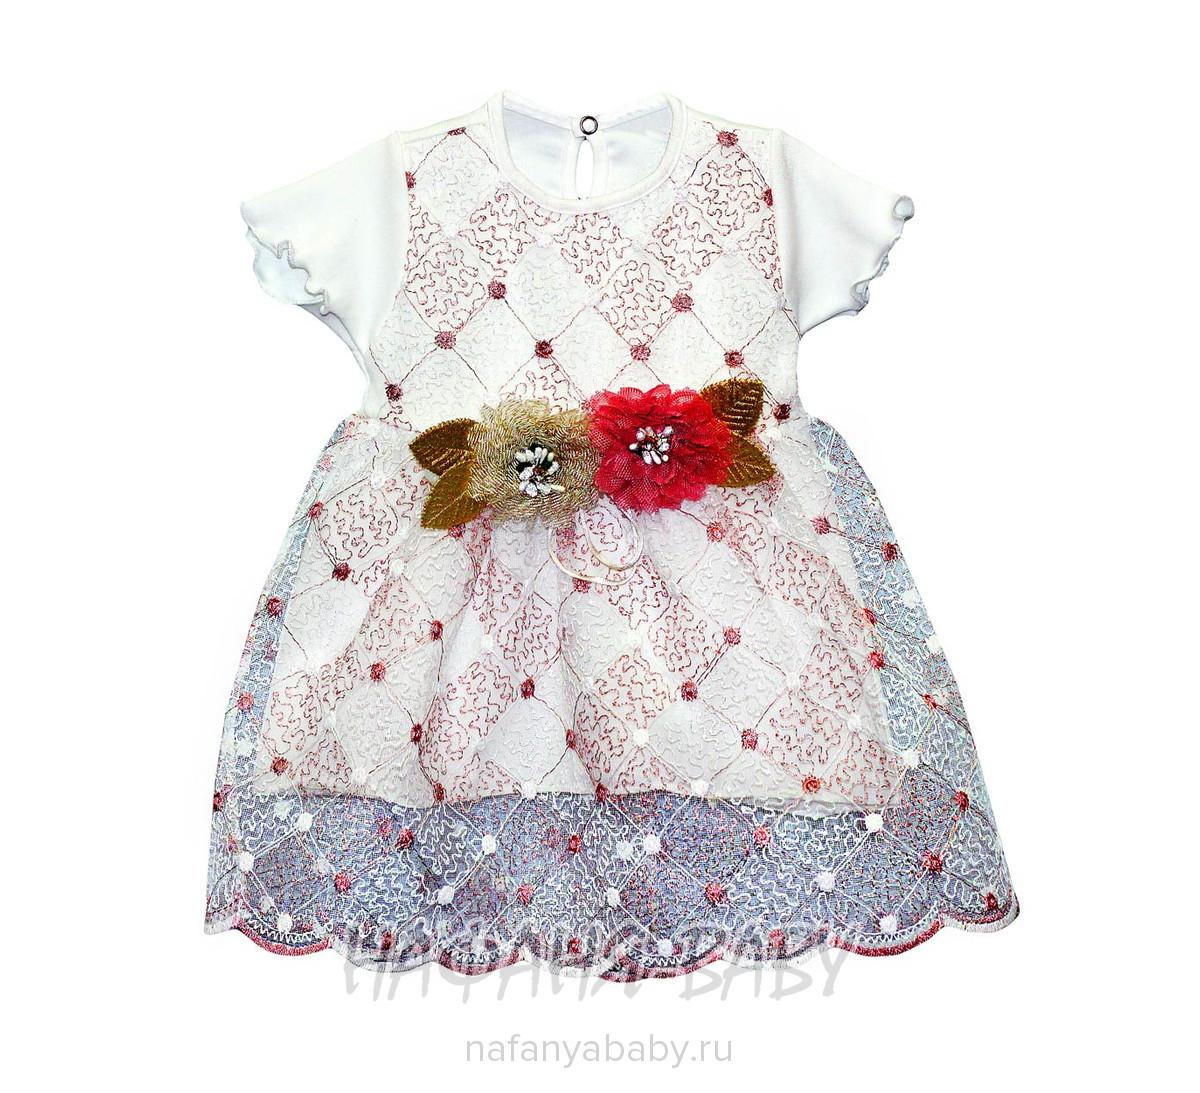 Детское платье TOFIMIX арт: 702, 0-12 мес, 1-4 года, оптом Турция